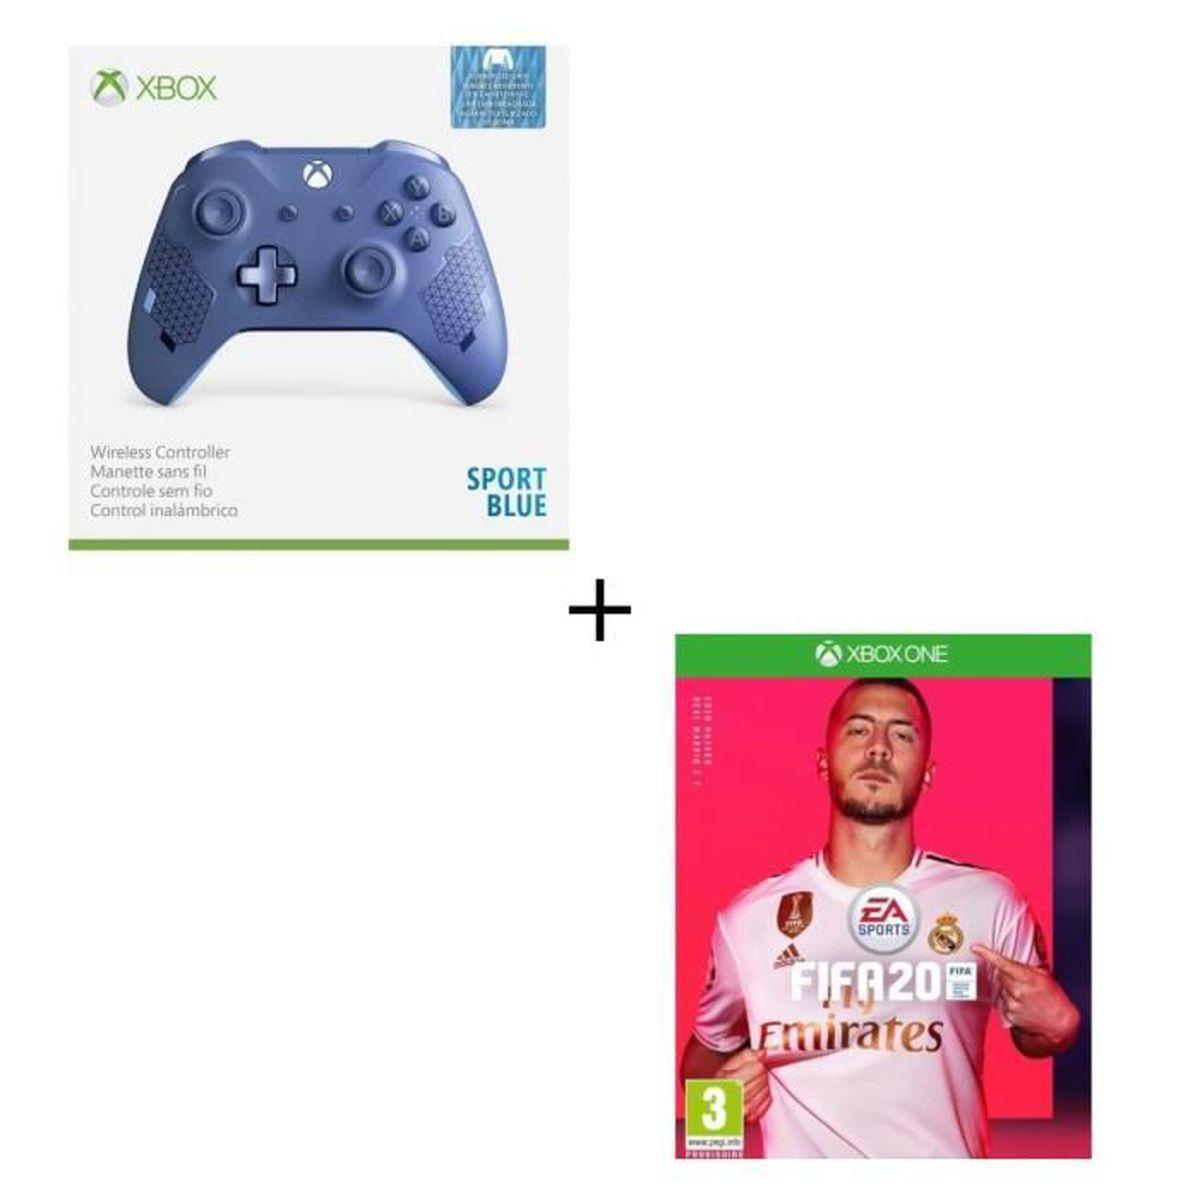 JEU XBOX ONE Manette Xbox Sans Fil Edition Spéciale Sport Blue